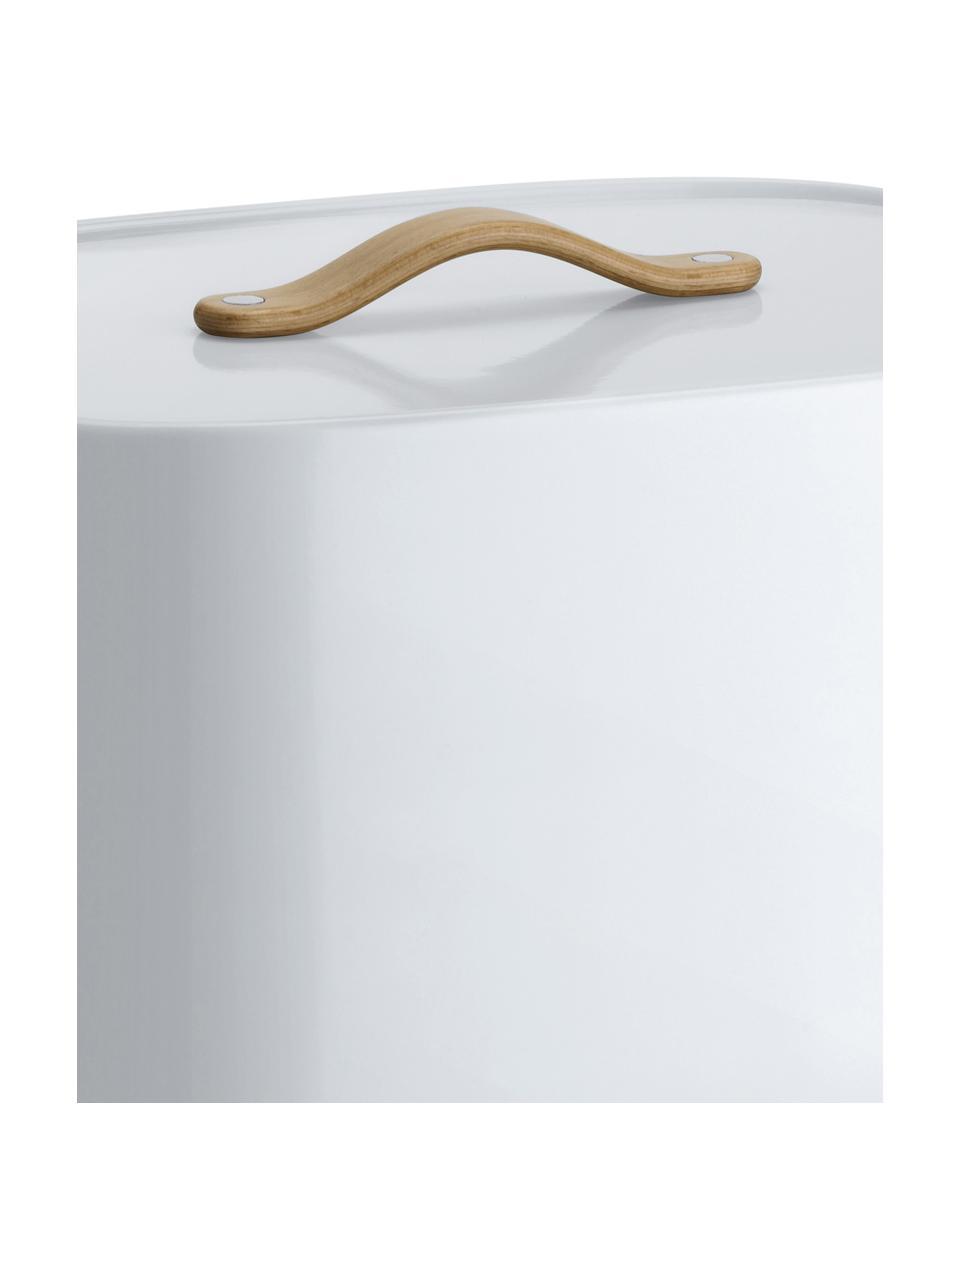 Designer Brotkasten Emma in Weiß mit Blaustich, Griff: Buchenholz, Weiß mit Blaustich, 33 x 17 cm